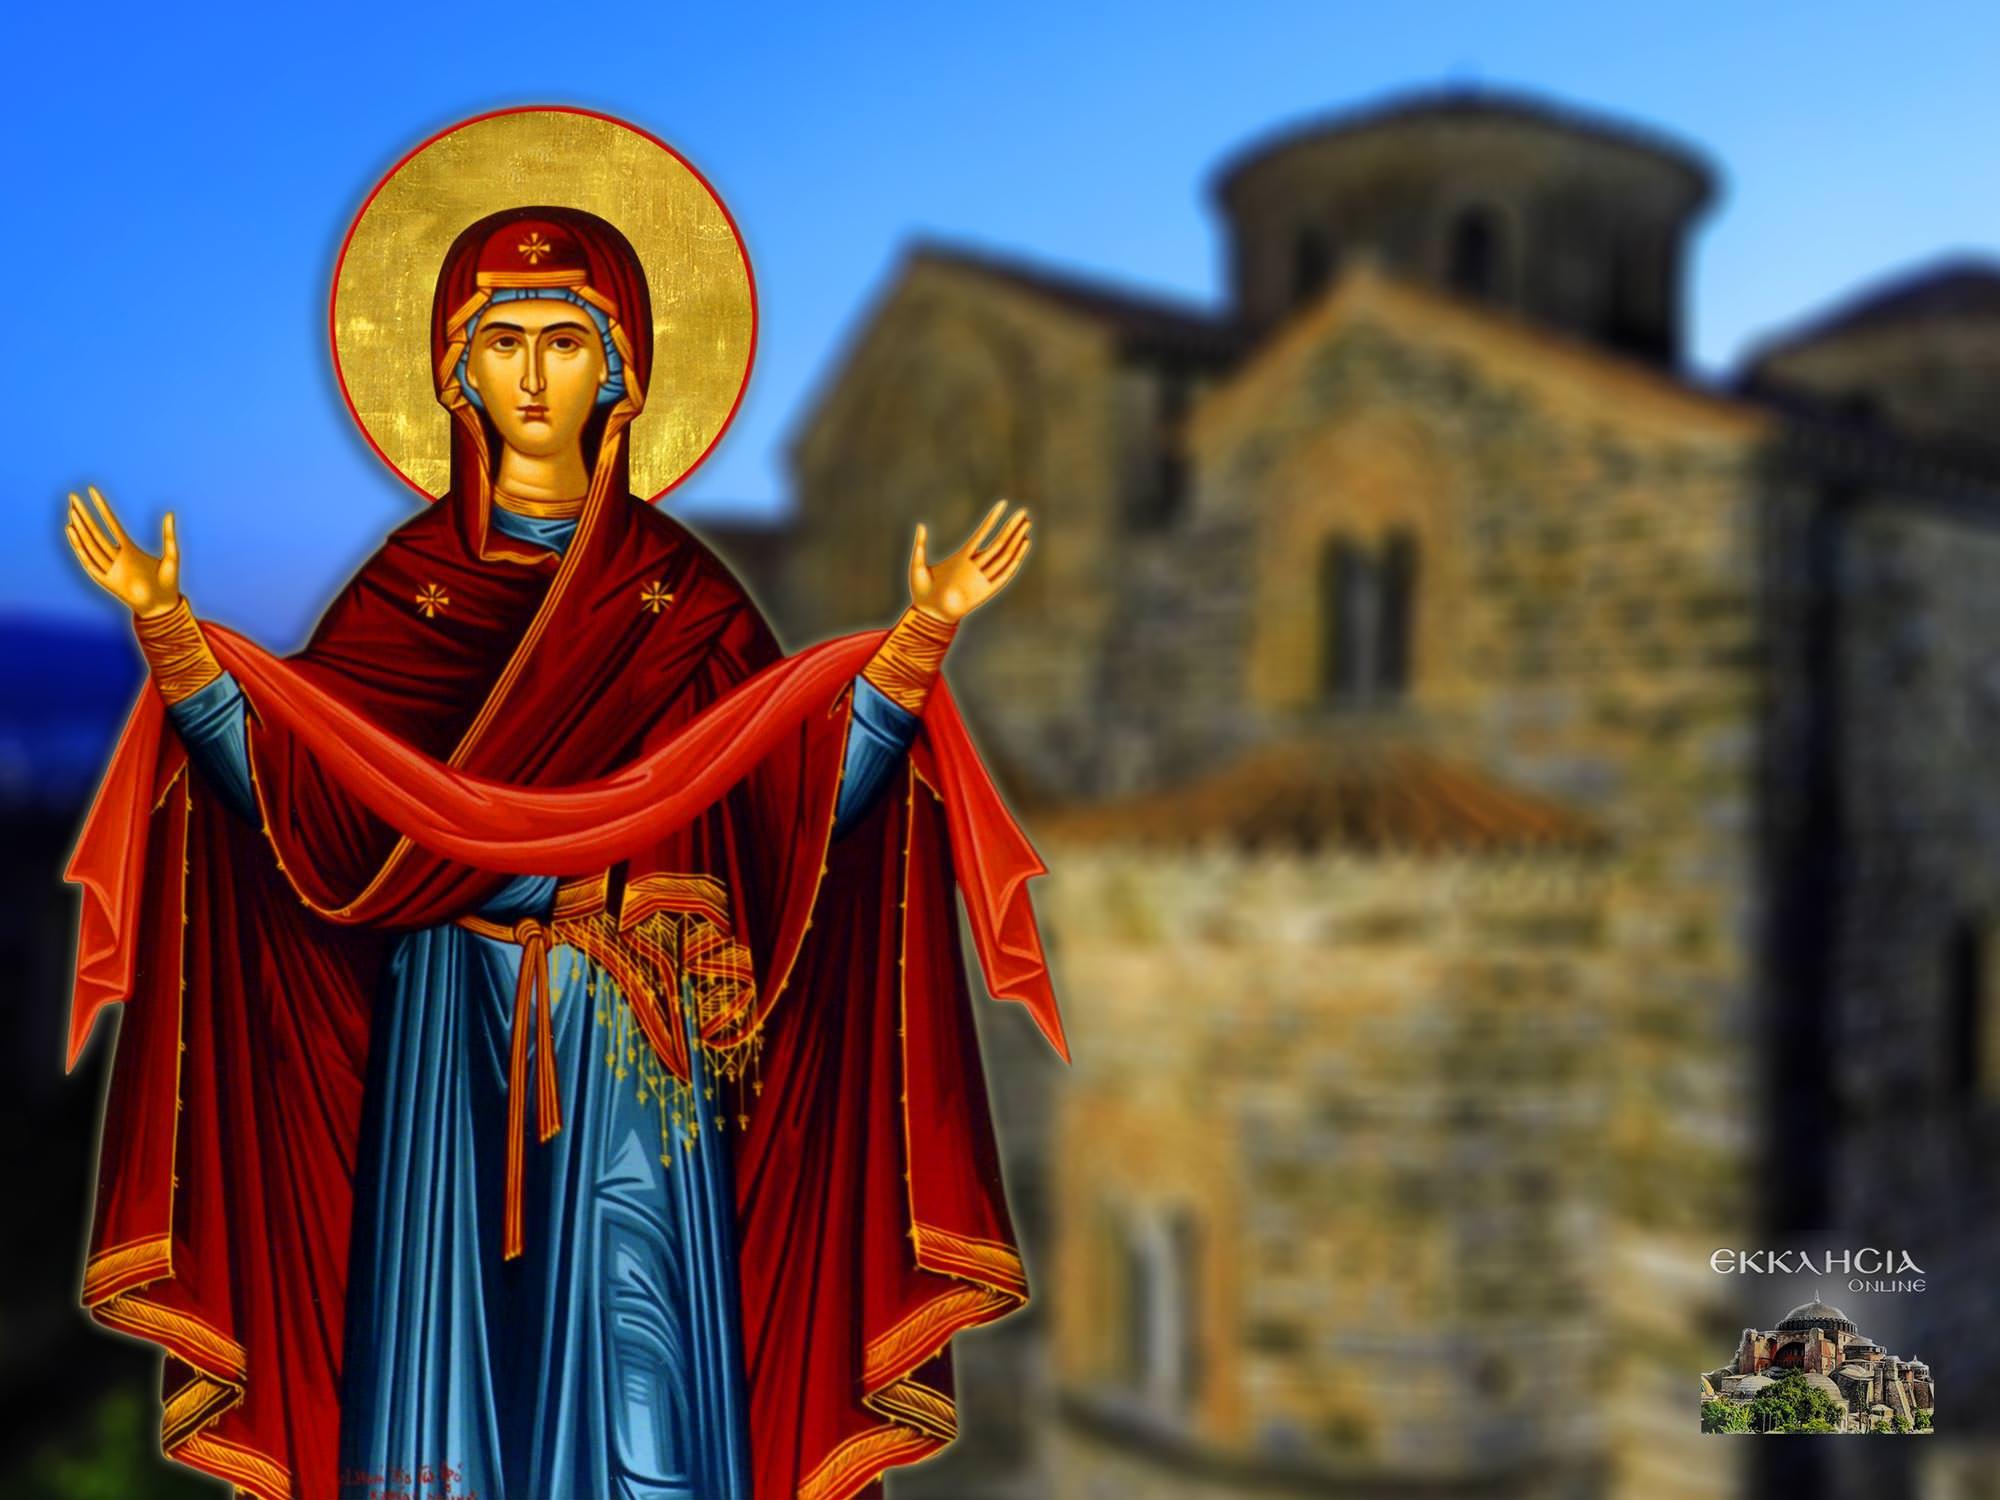 Κατάθεσις της Τιμίας Εσθήτος της Θεοτόκου 2 Ιουλίου